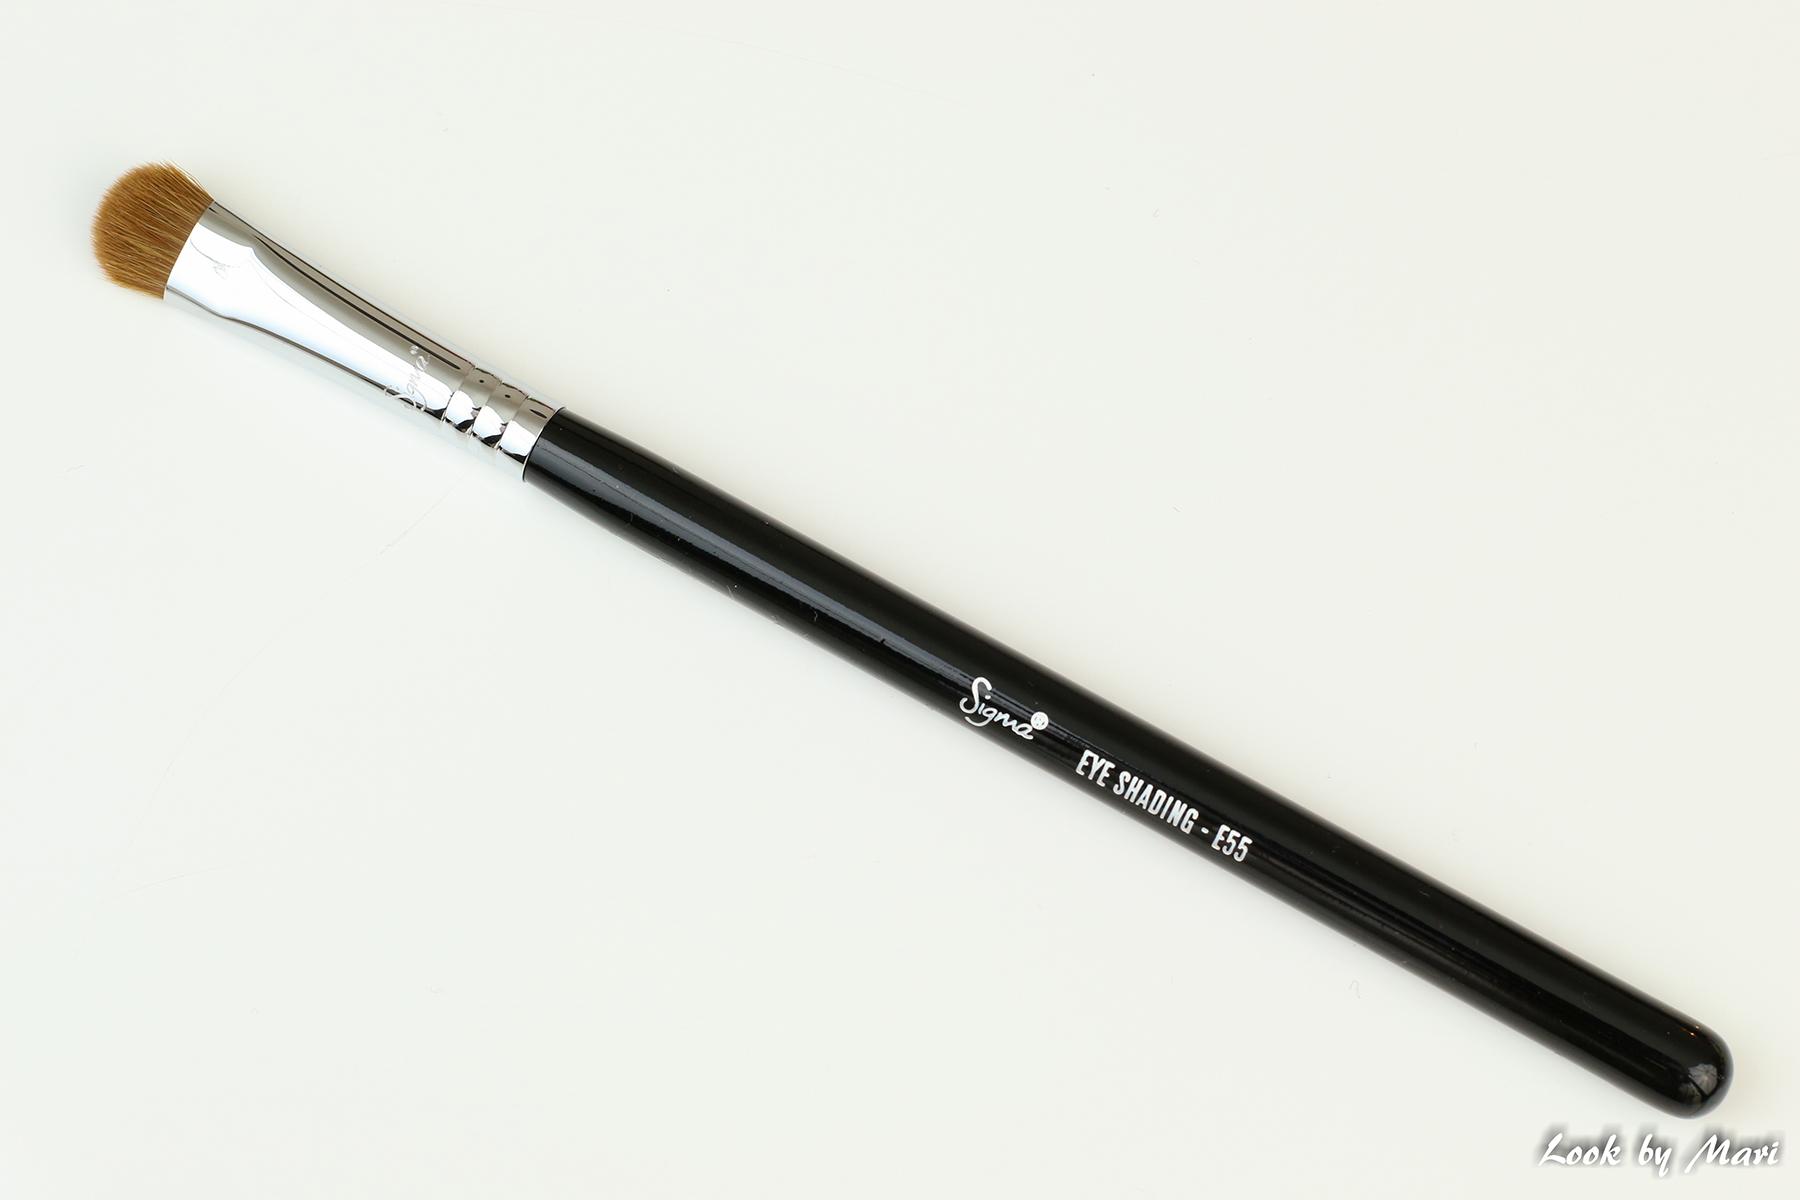 12 sigma beauty e55 kokemuksia pakkaussivellin kimalle review eleven.fi